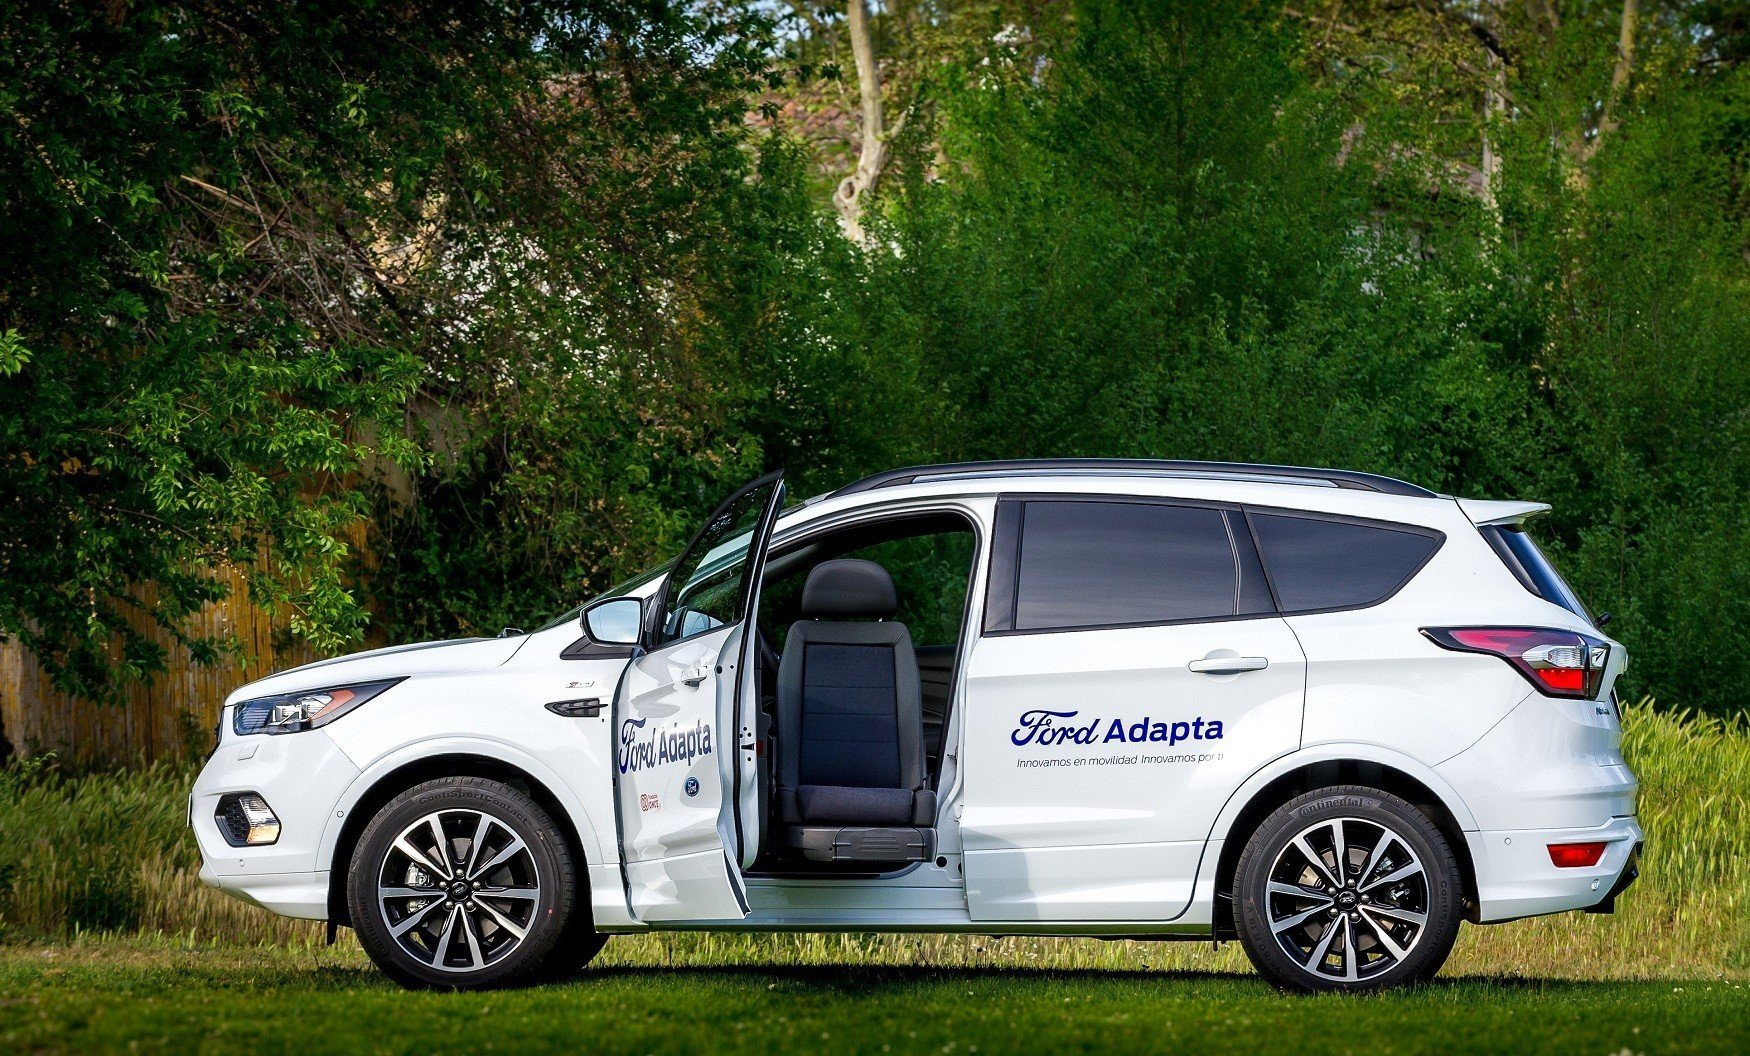 Ford Adapta